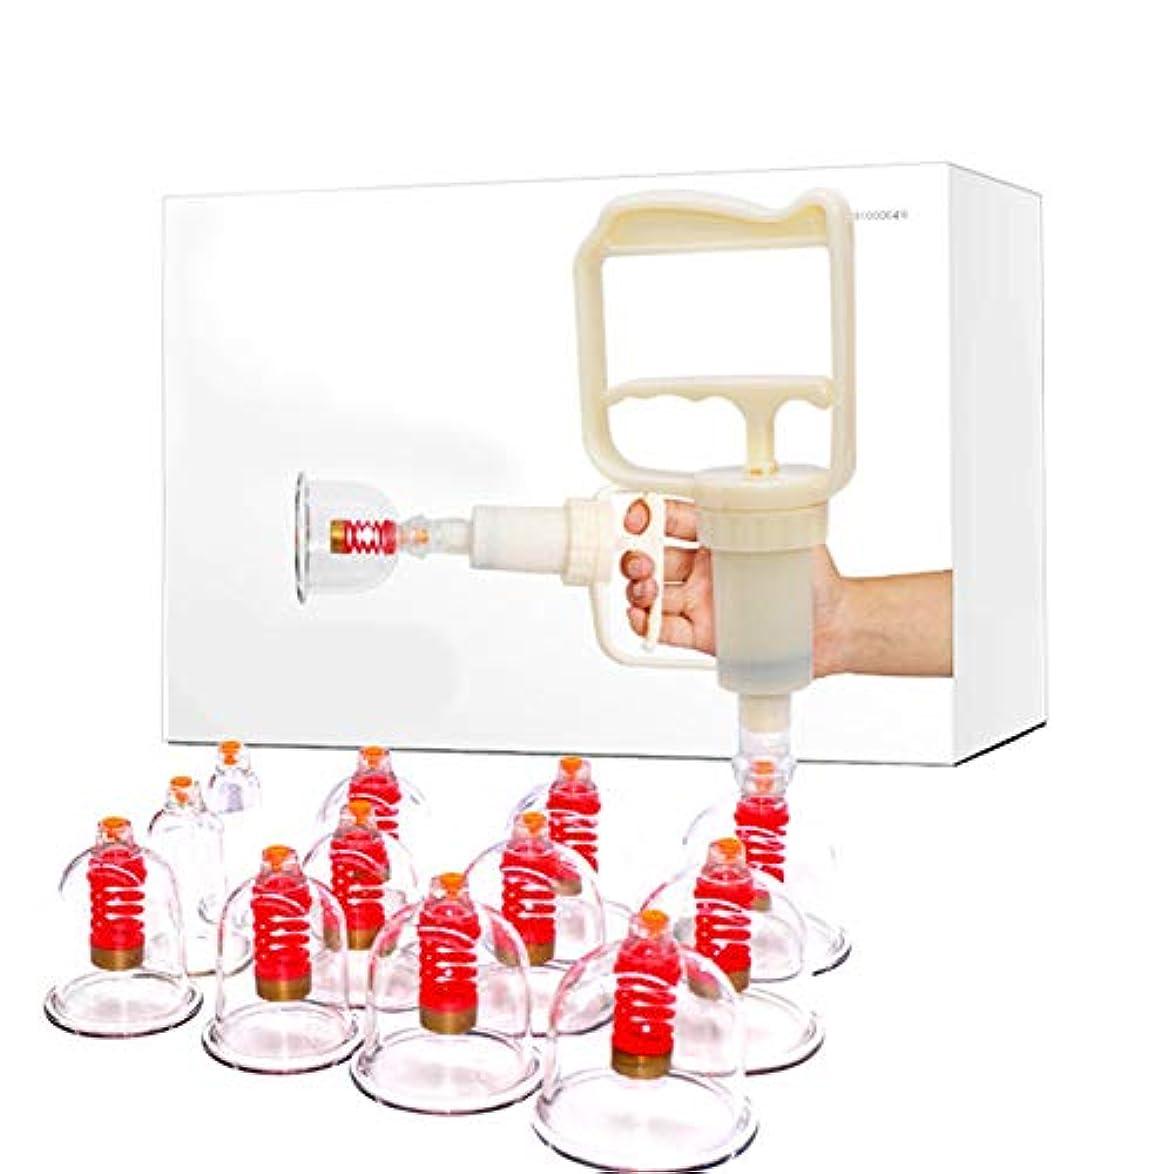 ヘッジ長老詩12カップカッピングセットプラスチック、真空吸引中国のツボ療法、在宅医療、筋肉関節痛、肩背部膝痛の軽減に最適